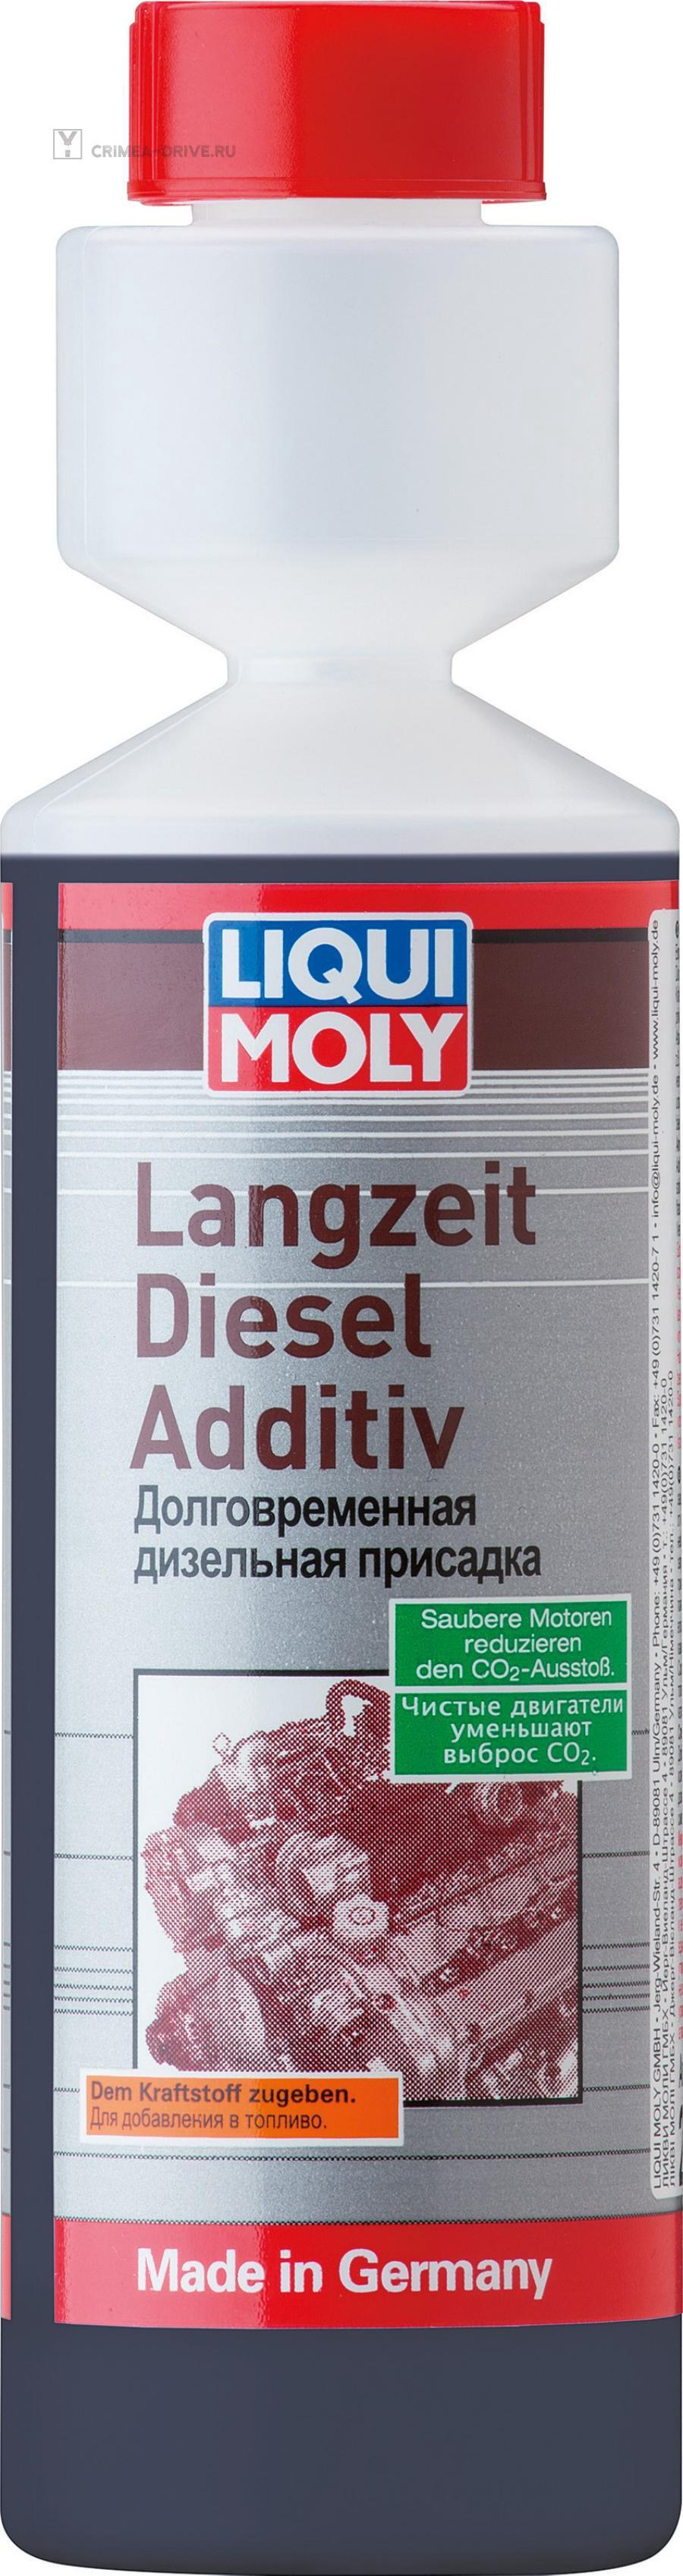 Присадка дизельная долговременная Langzeit Diesel Additiv (0,25л)